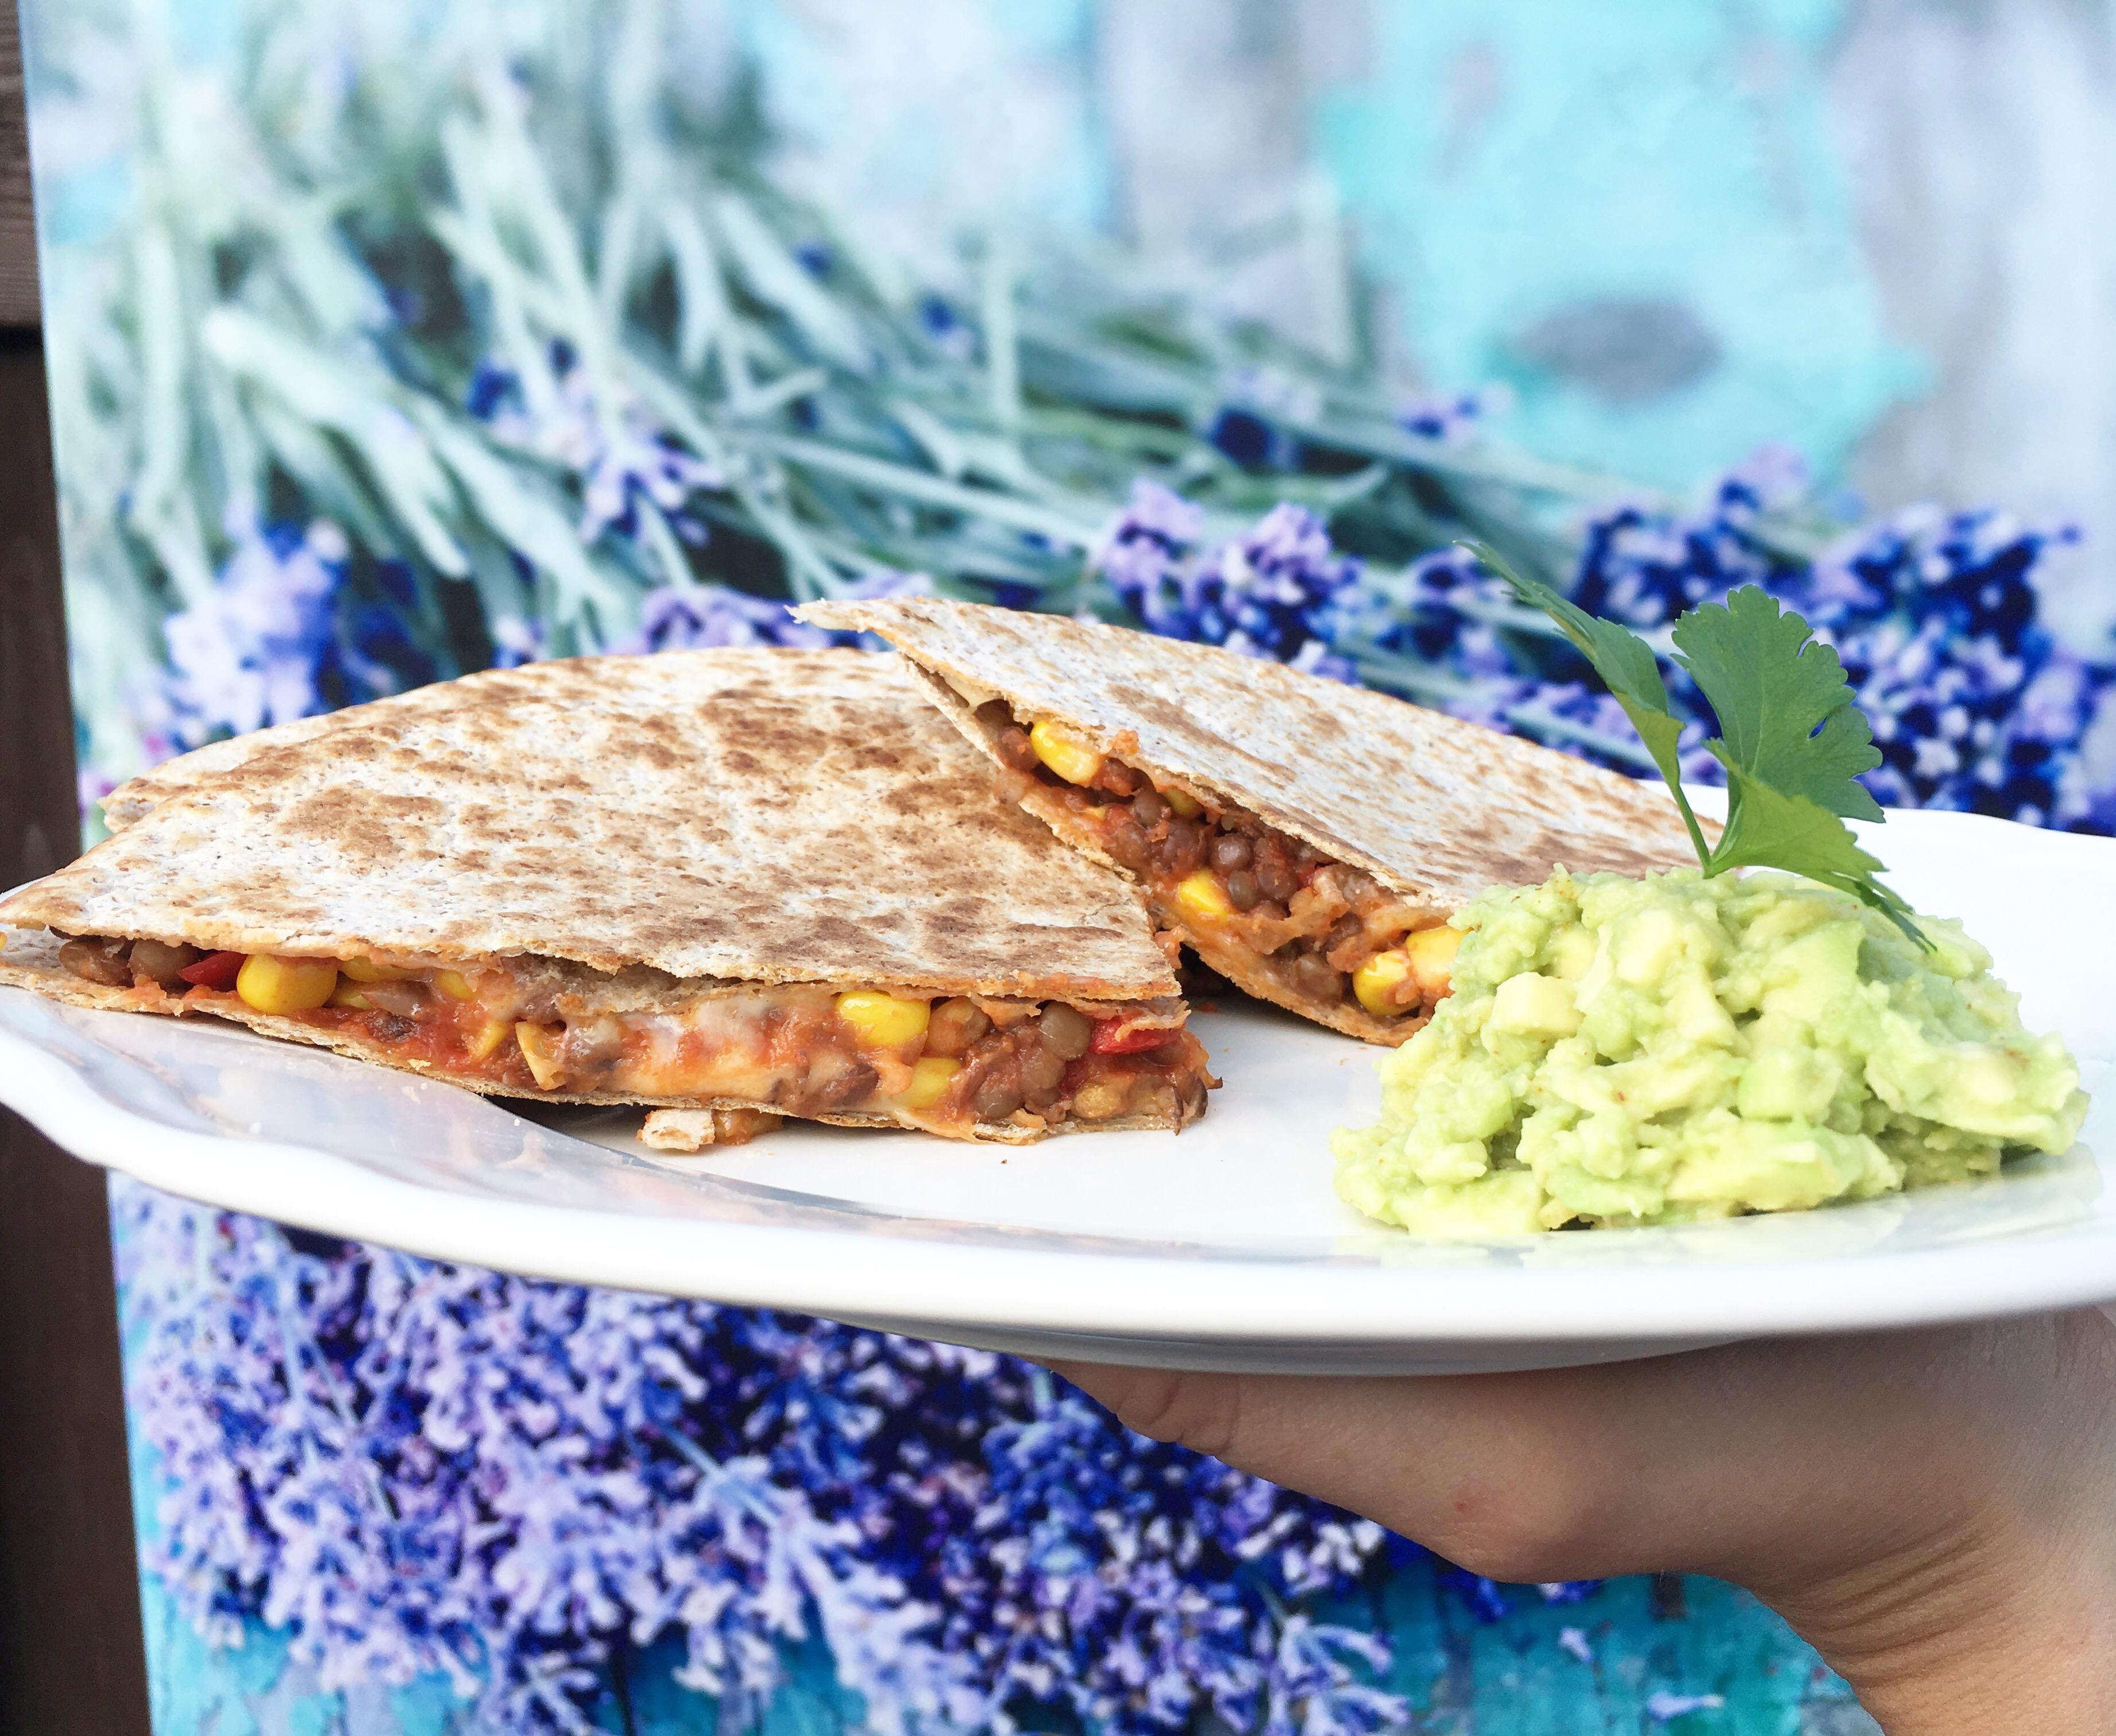 Recept | Vegetarische Quesadilla met linzen 'gehakt' (Mexicaanse tosti)